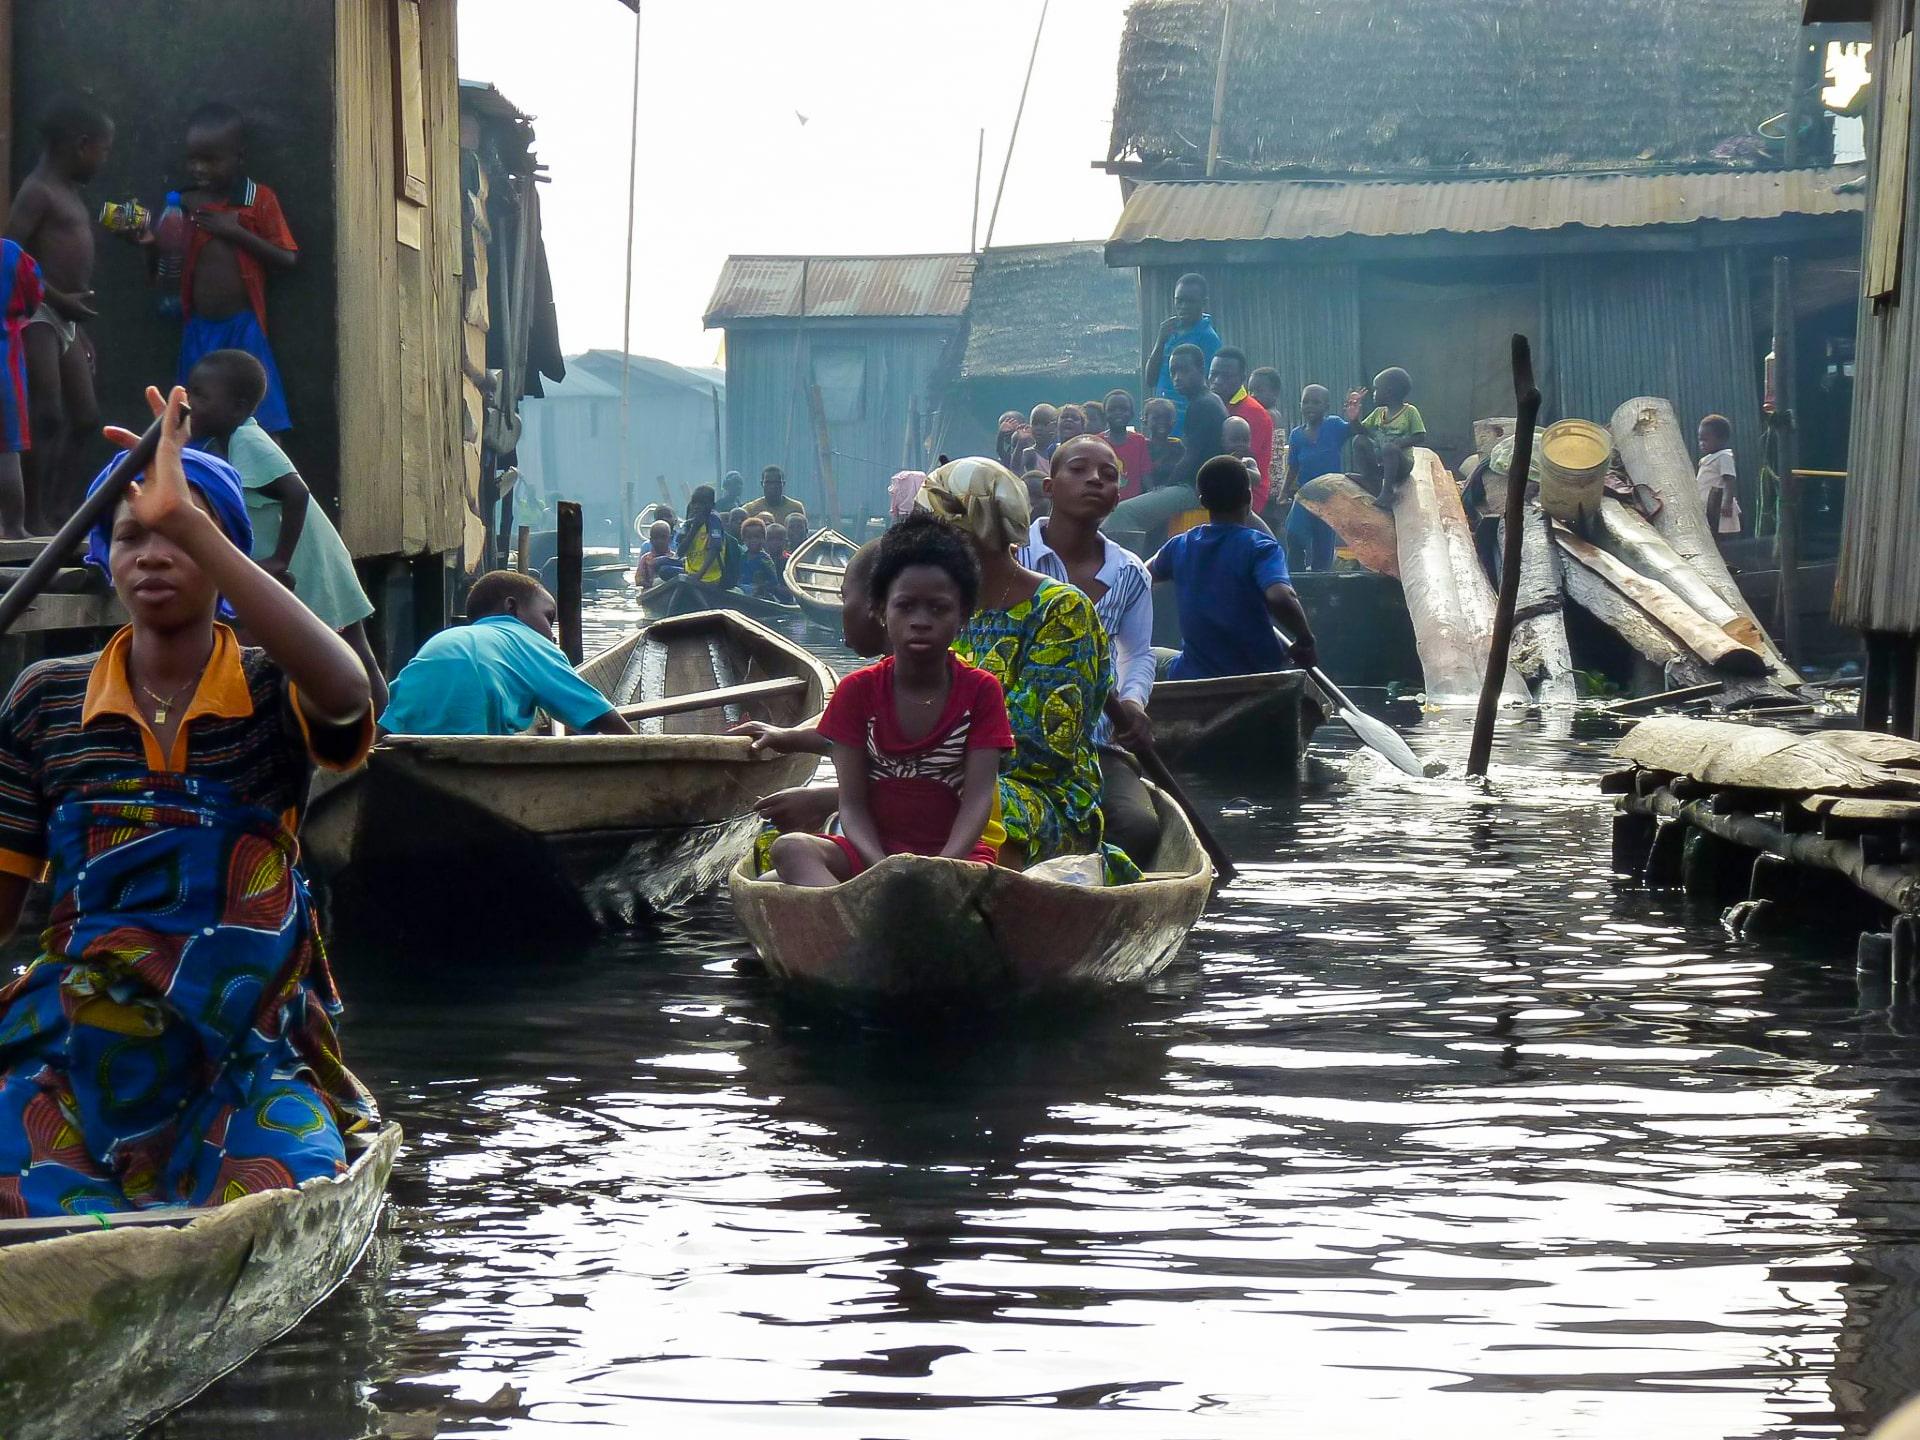 【世界のスラム街】アフリカのベネチア!?ゴミの海に浮かぶ街「マココ」